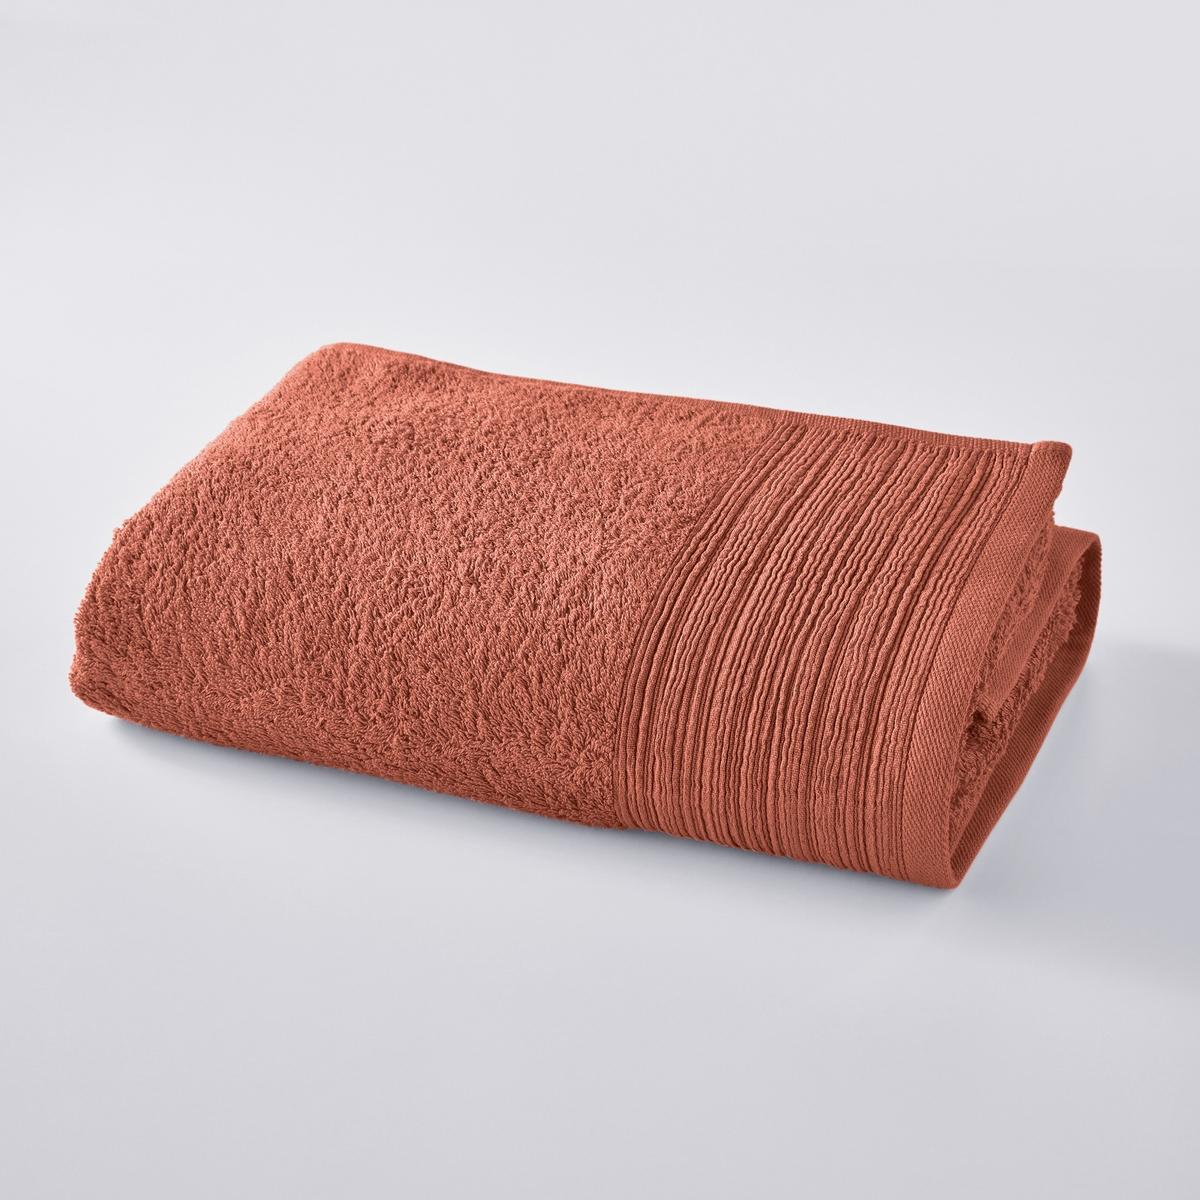 Полотенце однотонное махровое из био-хлопка